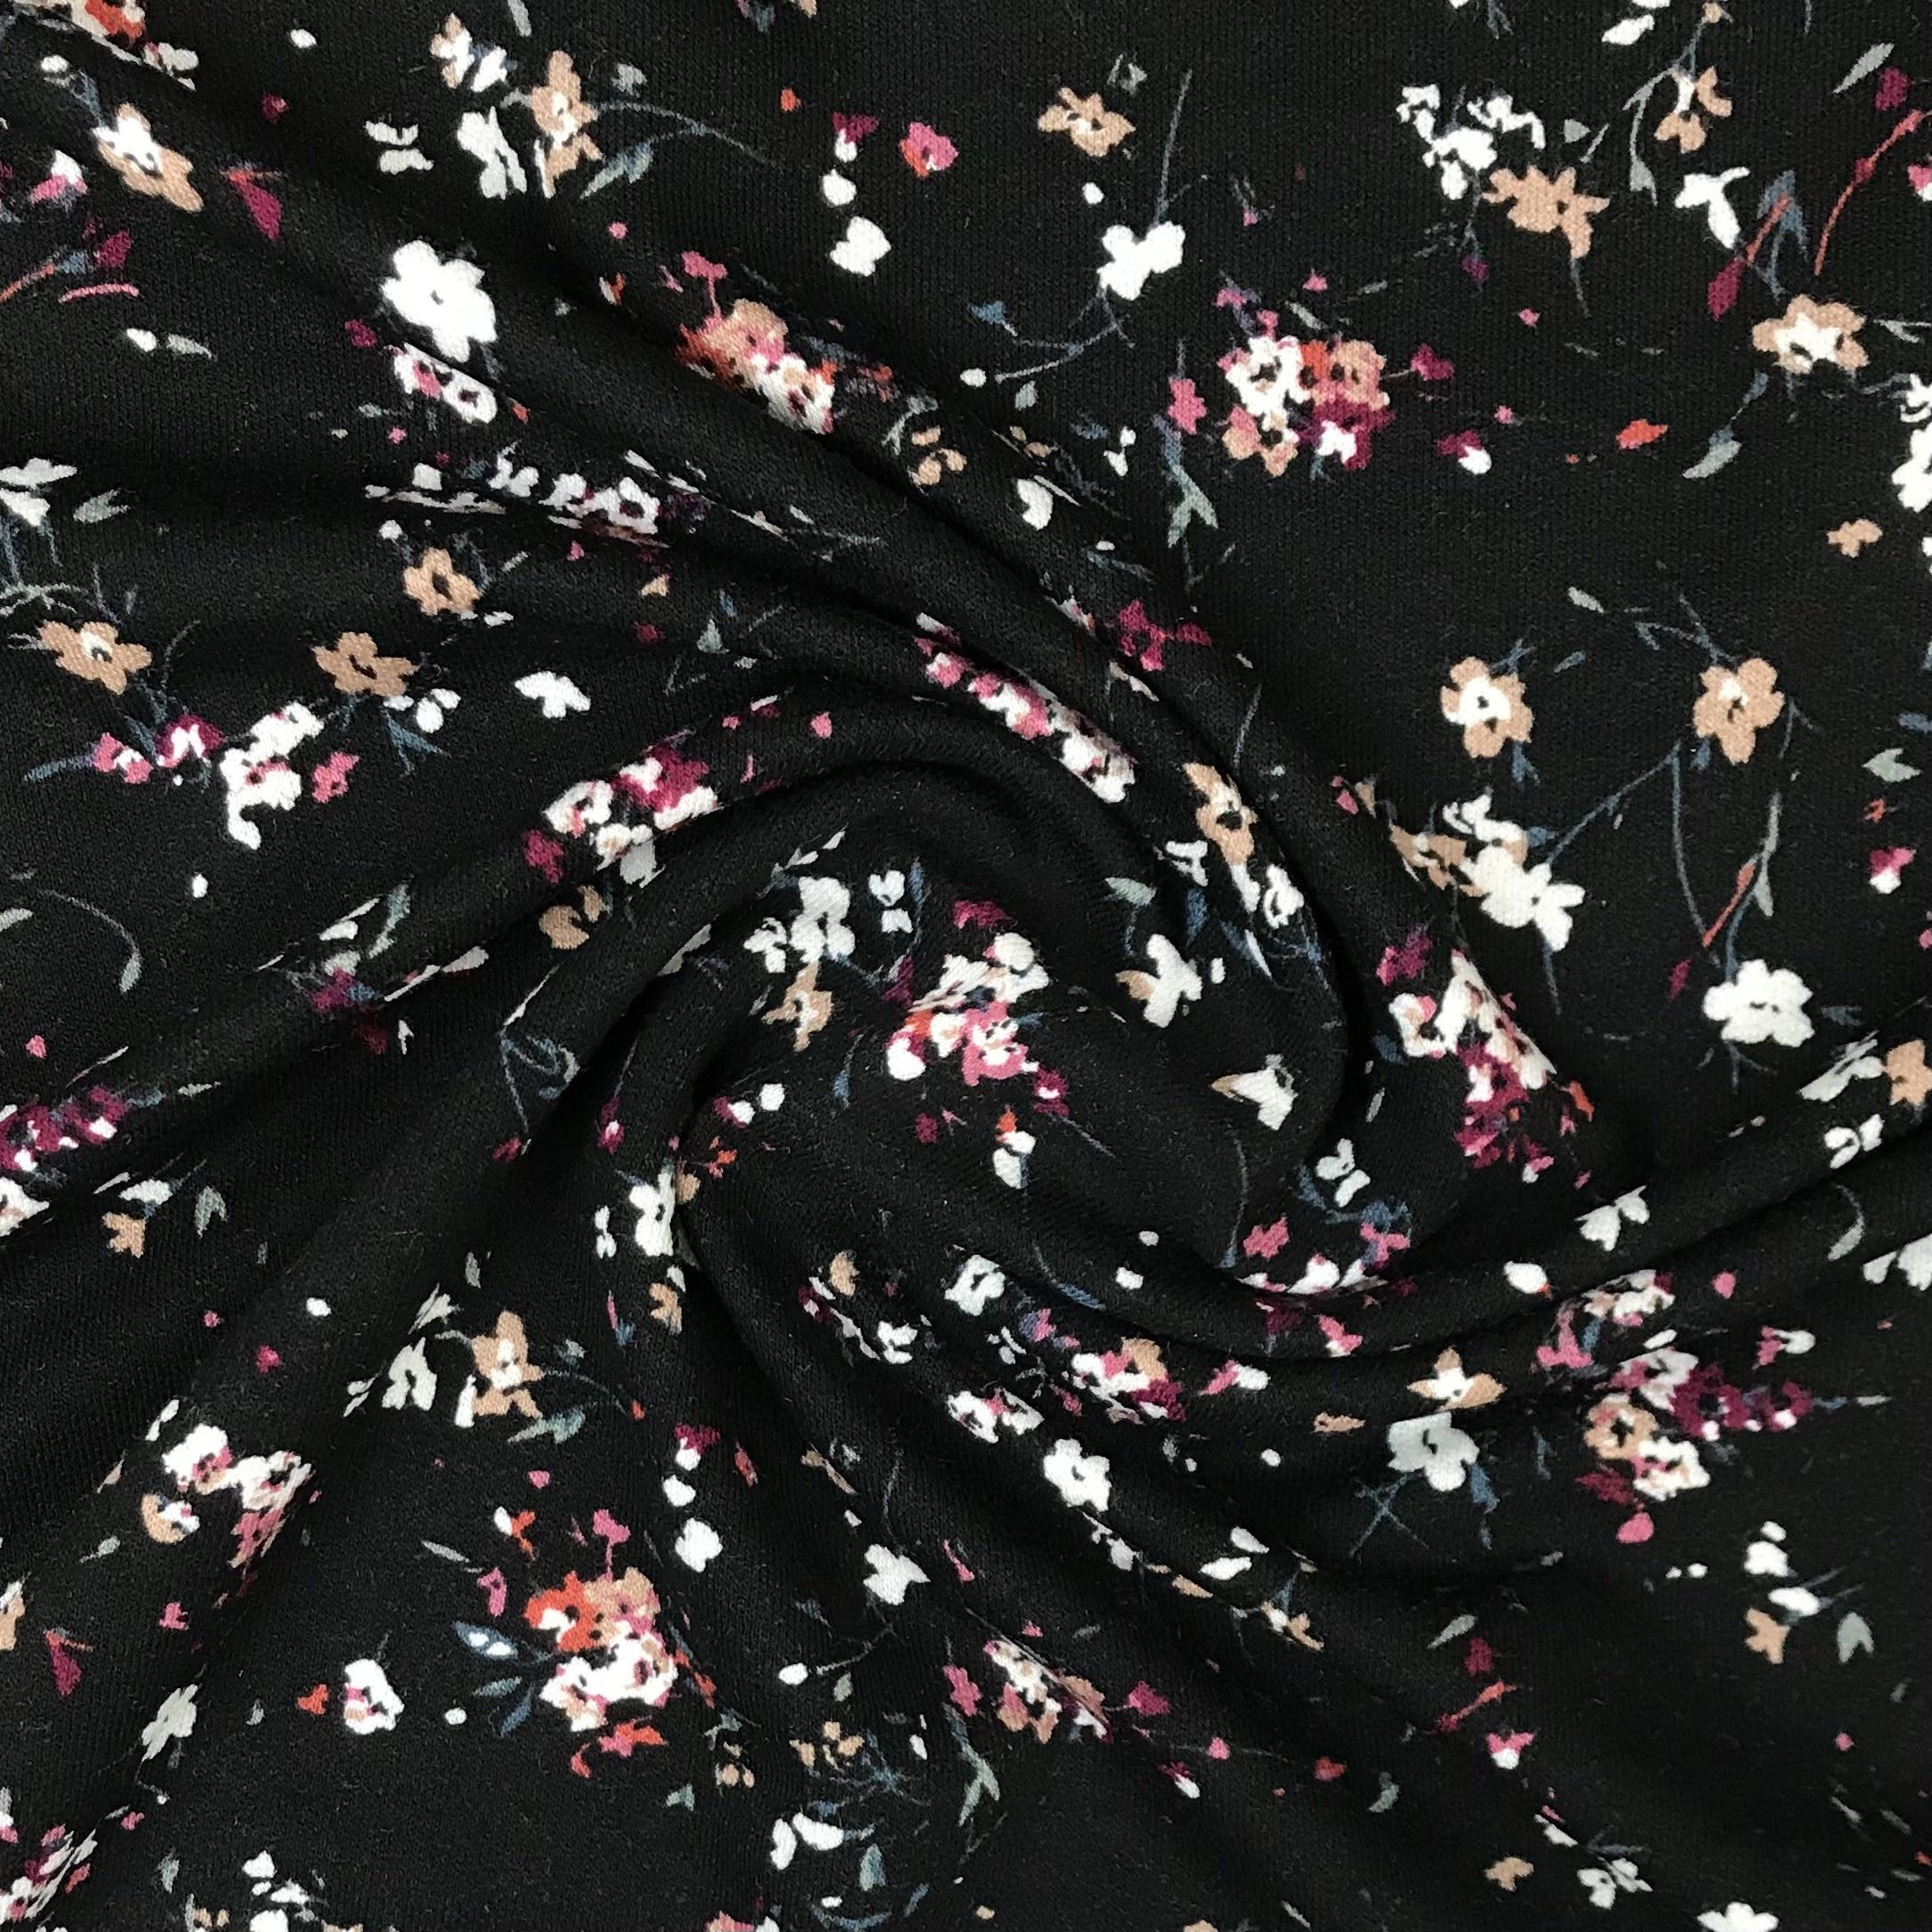 Viskosenjersey Crepe, kleine Blumen. Art. 13384/069